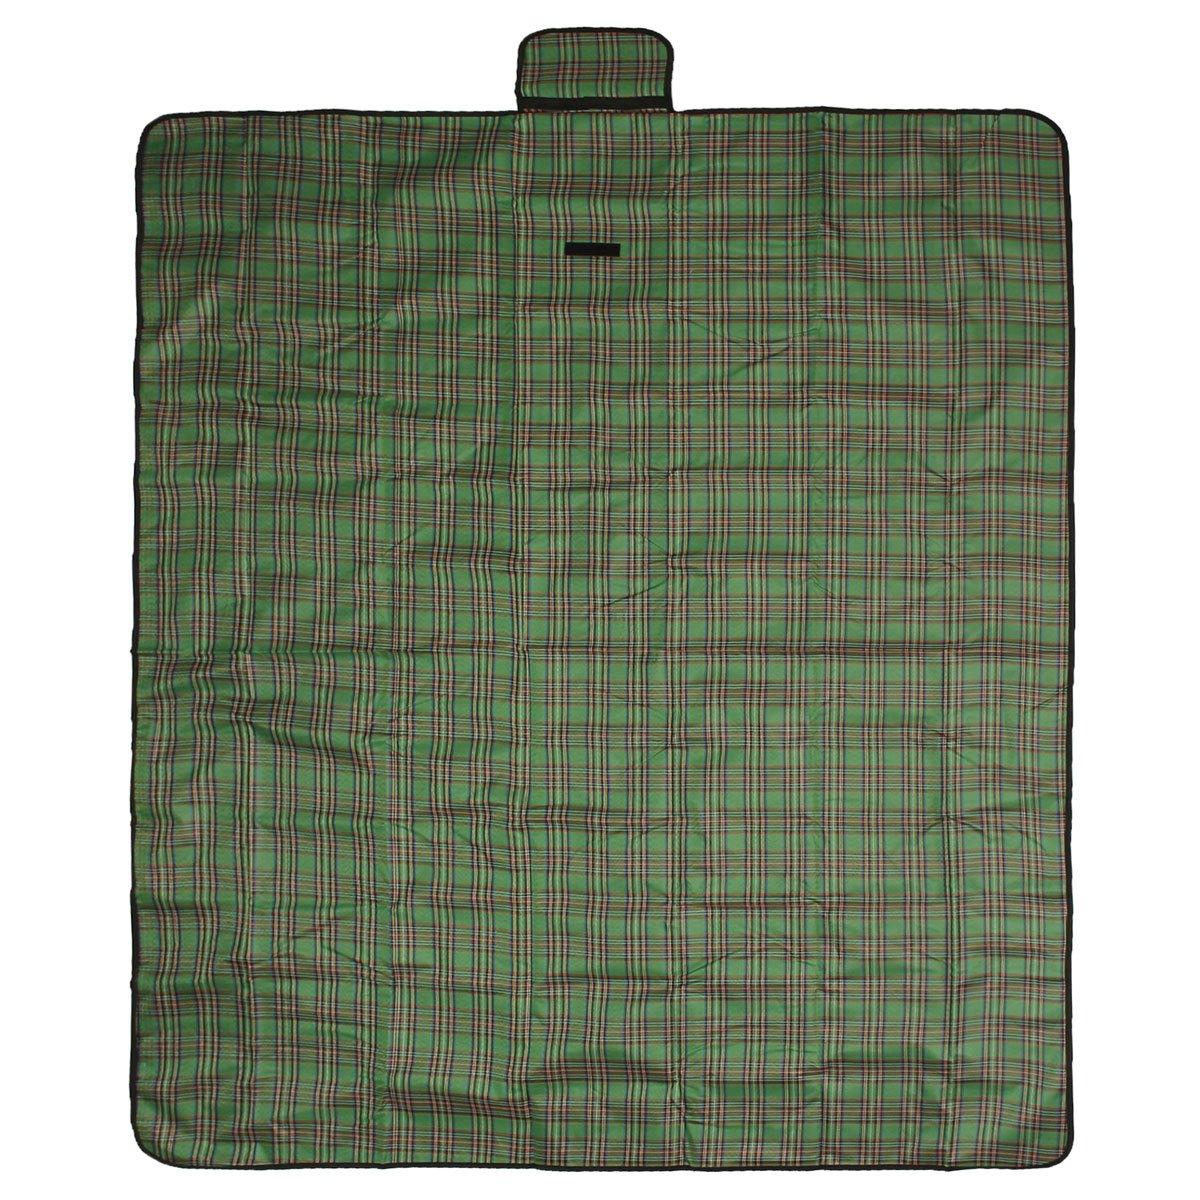 Outerdo - Manta impermeable y plegable en tela Oxford/plástico PVC. Ideal para picnics, acampadas o para extender en el jardín. Medidas: 150 x 200 cm, ...